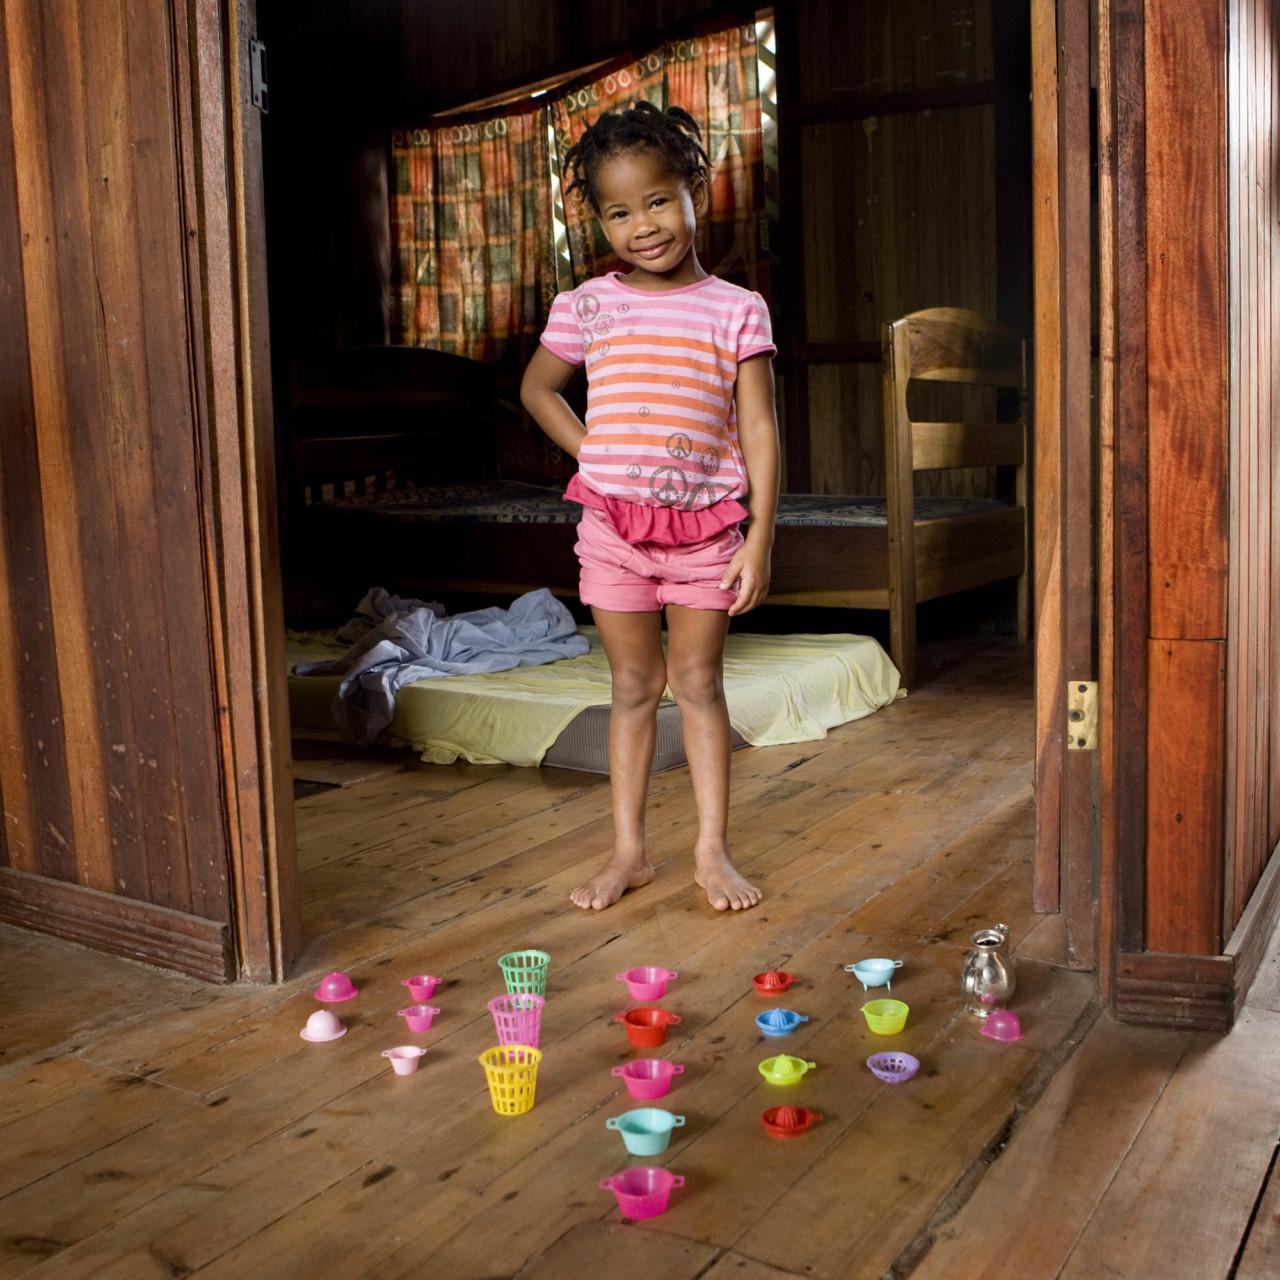 Stories: Children's toys around the world